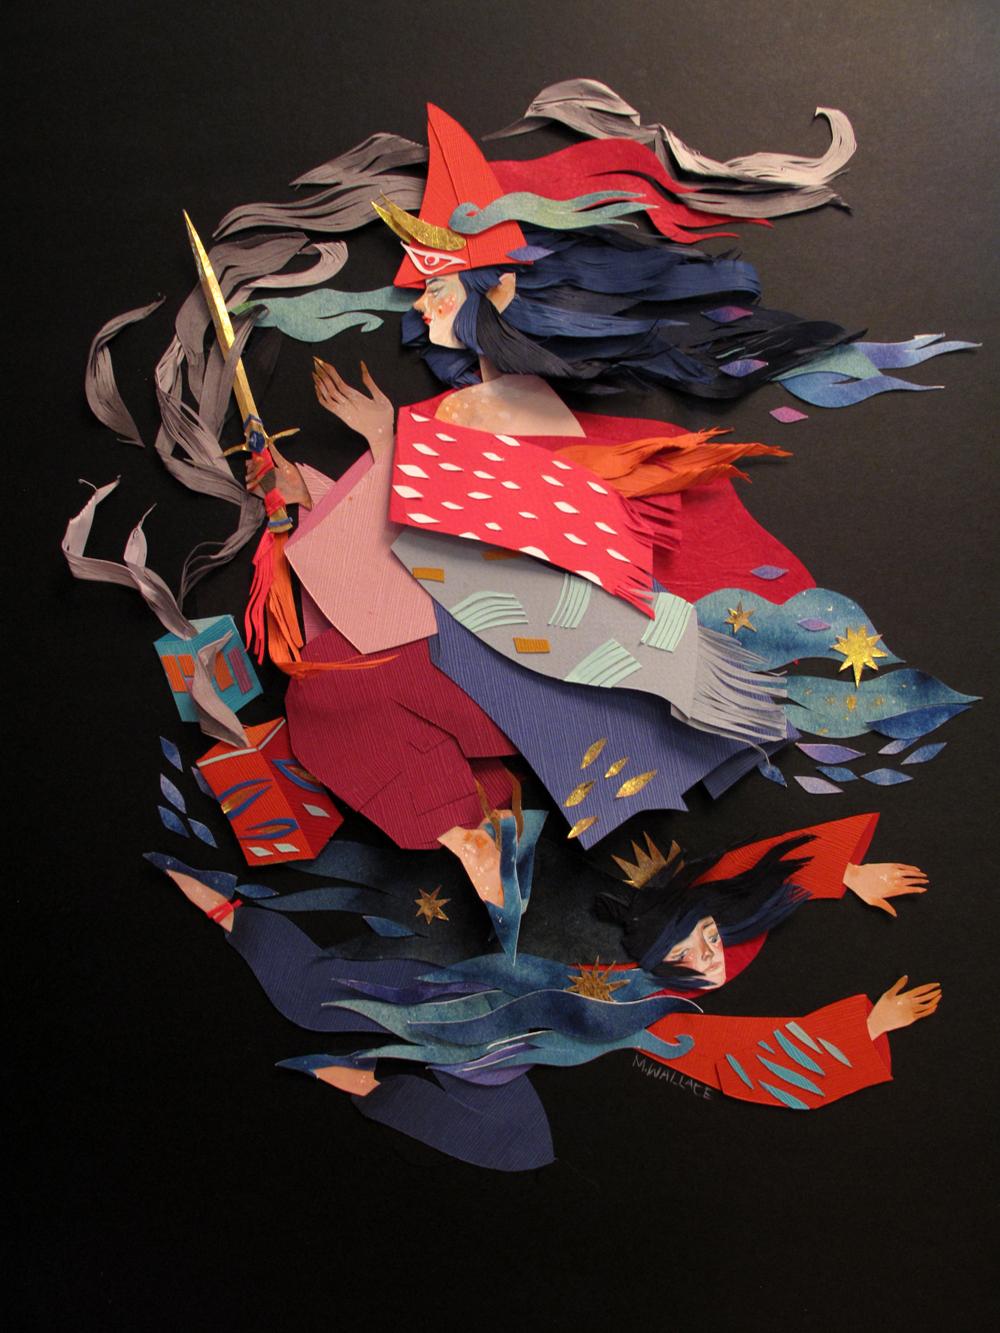 arte-collage-carta-colori-illustrazioni-Morgana-Wallace-07